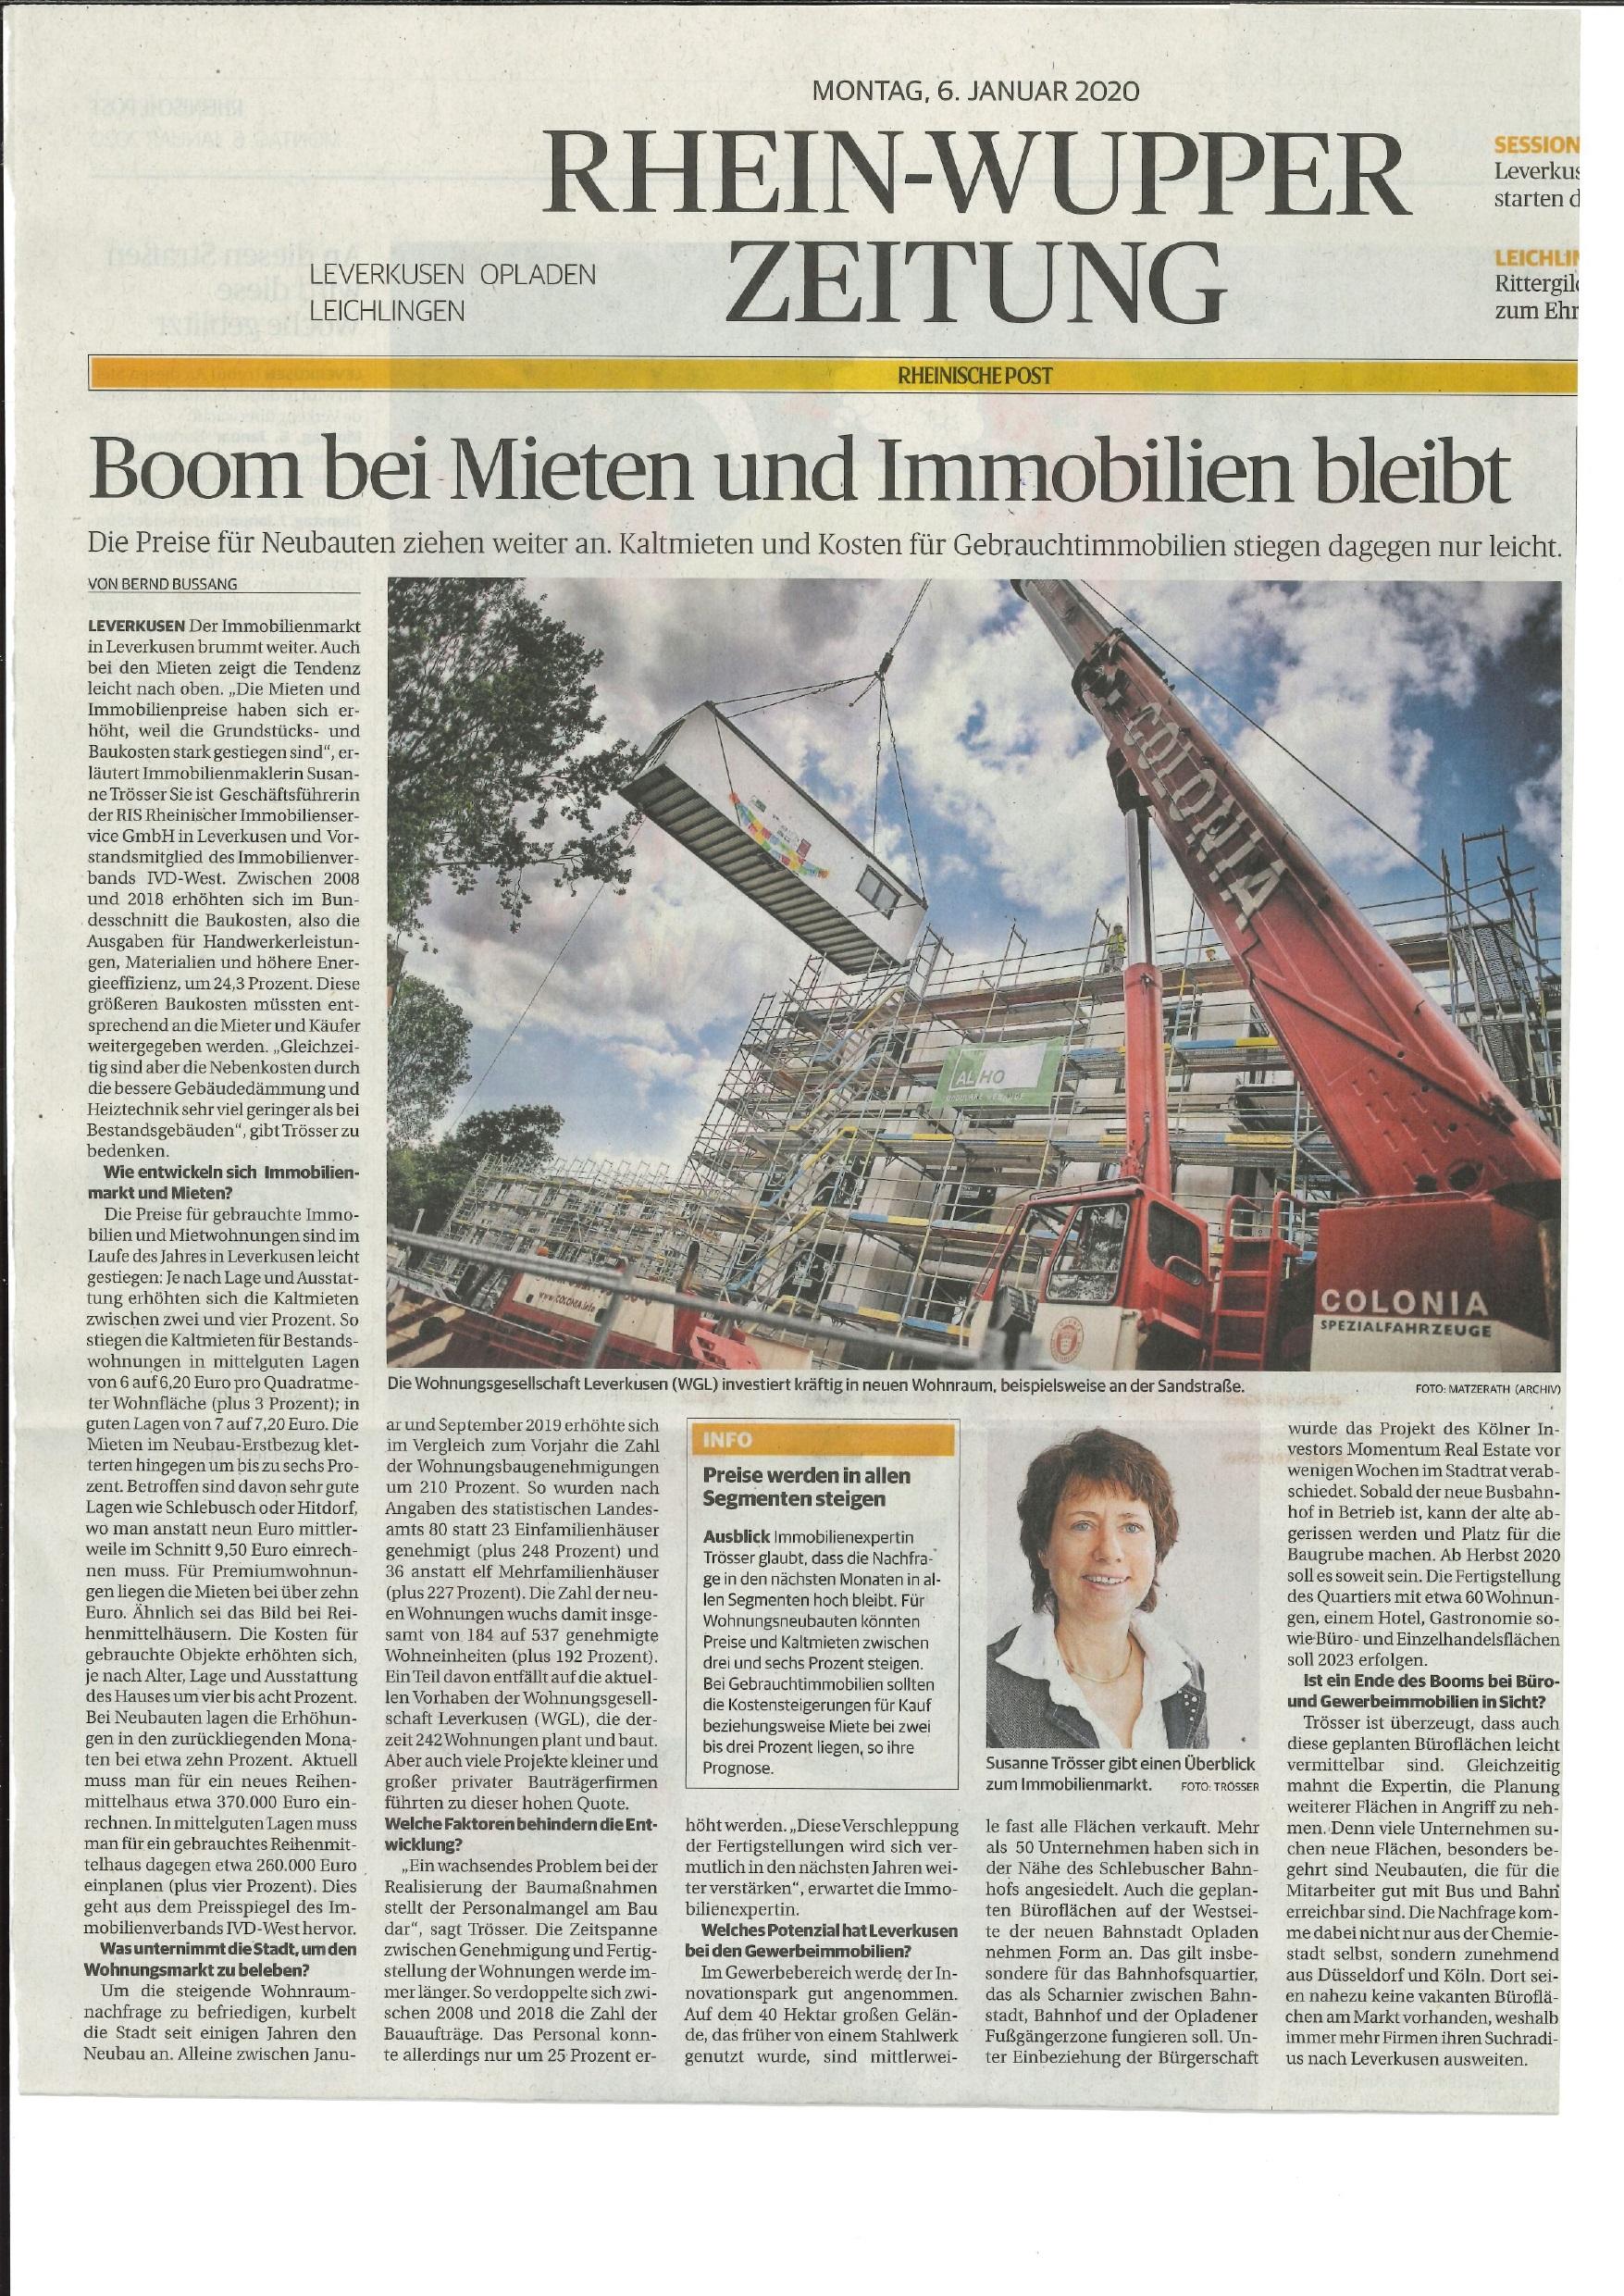 Boom bei Mieten und Immobilien bleibt / Rheinische Post vom 06.01.2020